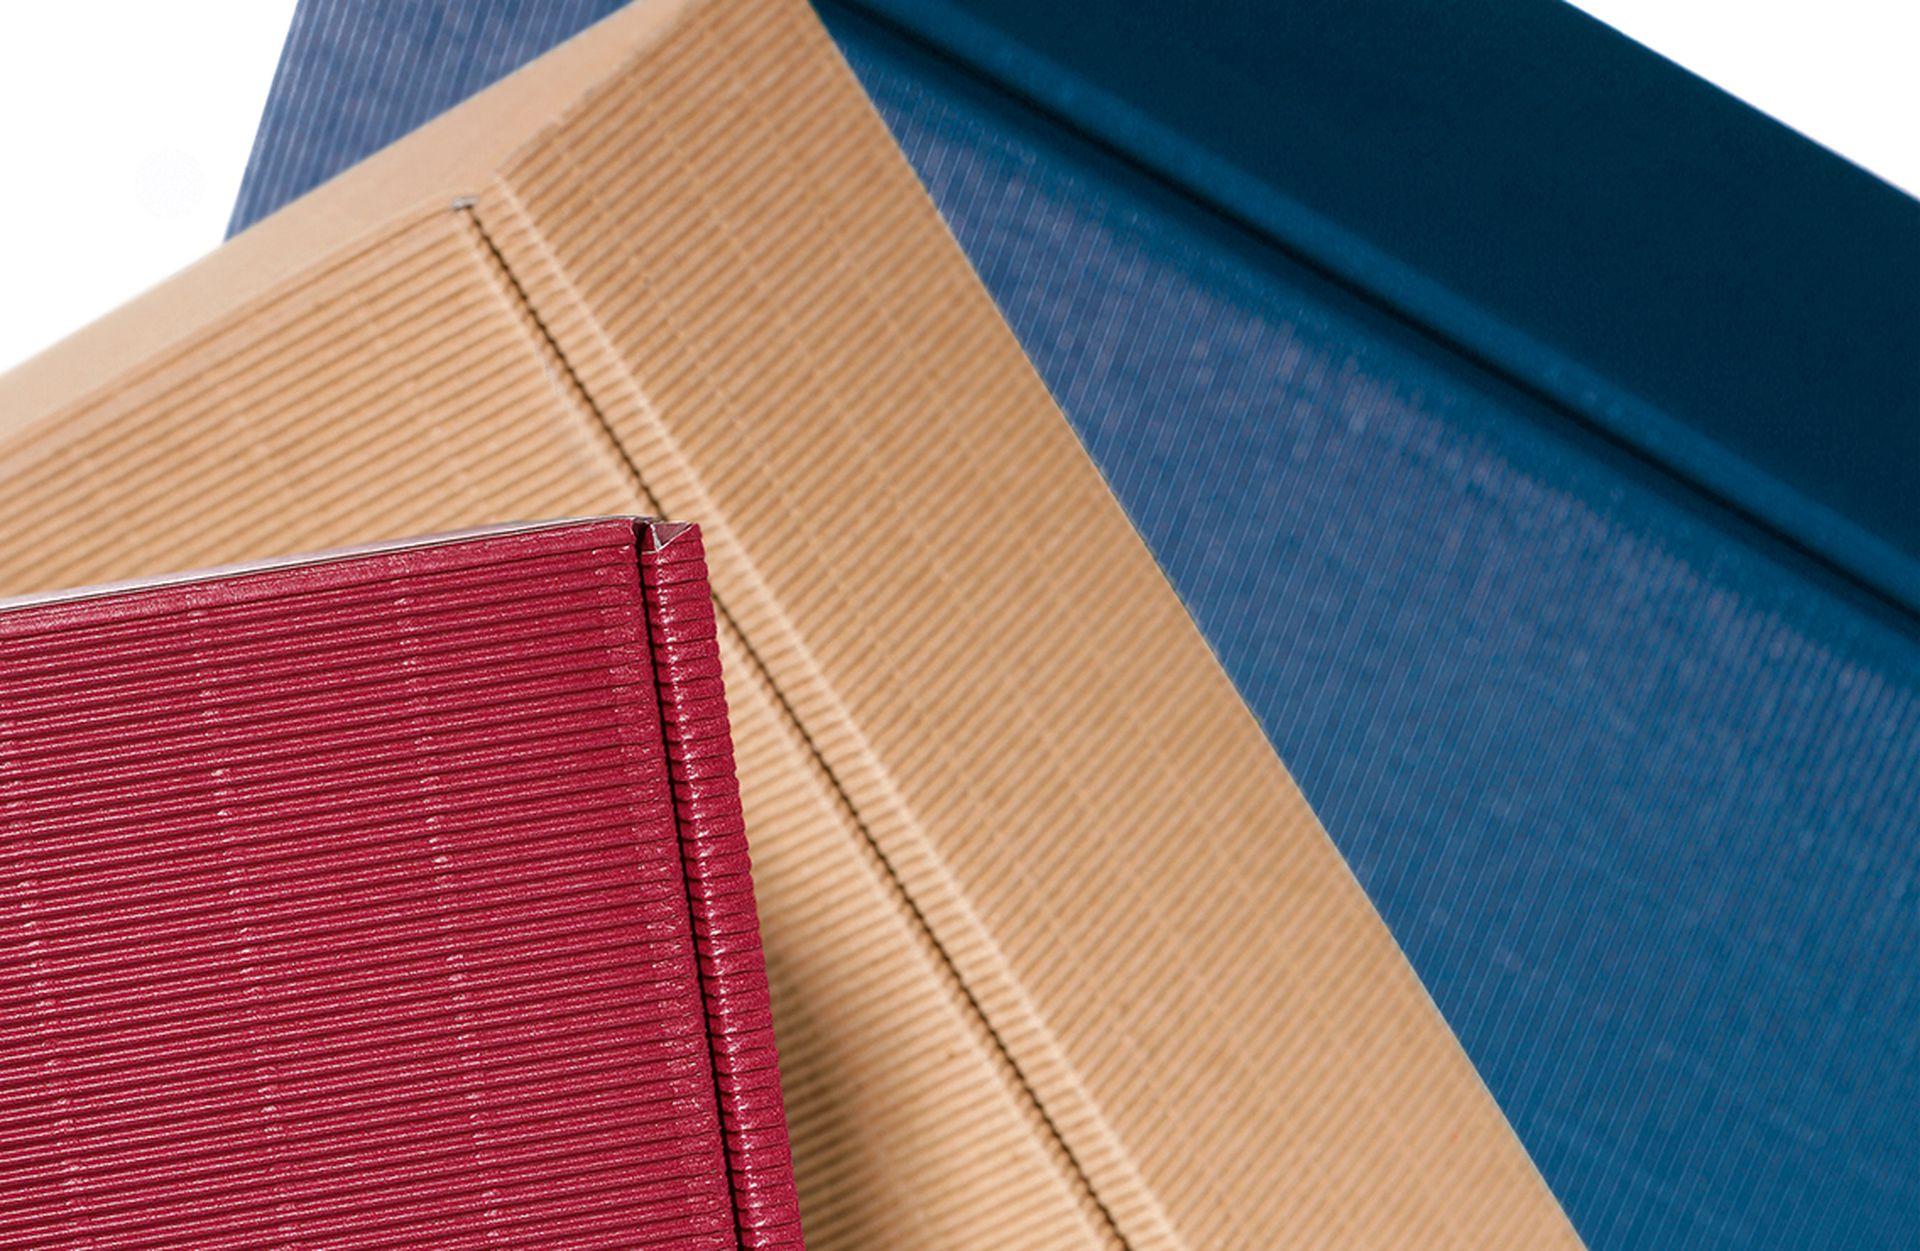 Opakowanie prezentowe, seria Otwarta Fala, przykładowe kolory